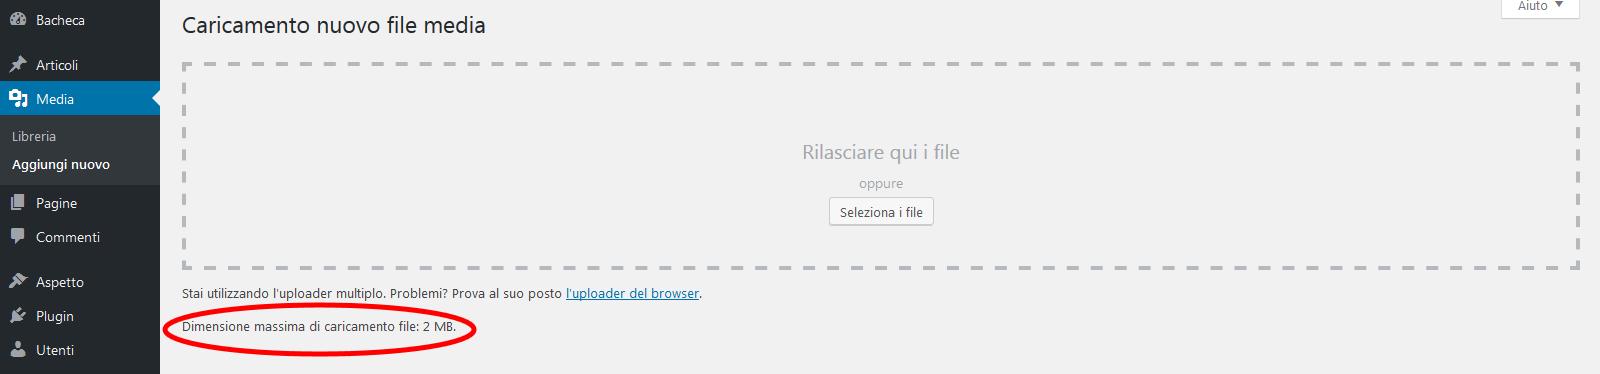 Come aumentare l'upload delle immagini in WP tramite plesk